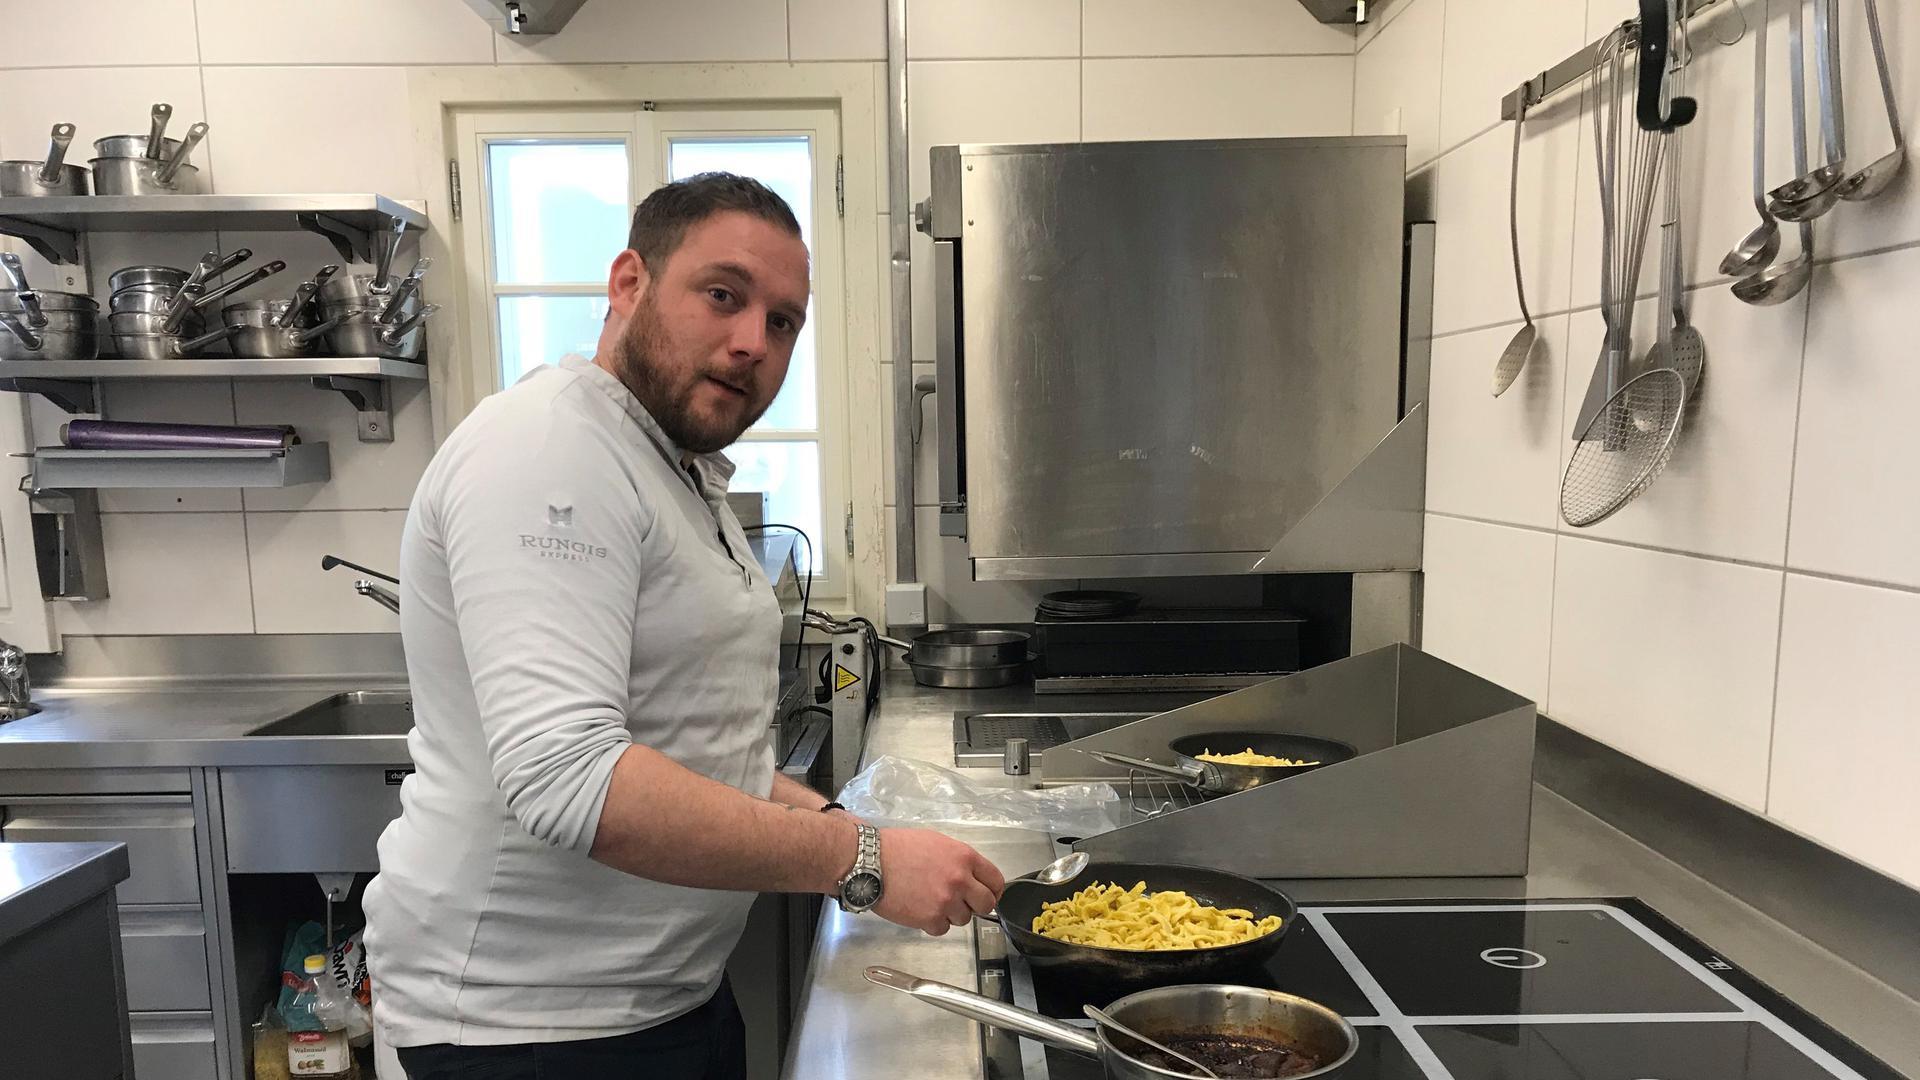 Anleihen bei der französischen Küche: Sein Boeuf Bourguignon serviert Kücherchef Marcel Göpper mit handgeschabten Spätzle und ganz viel Sosse.